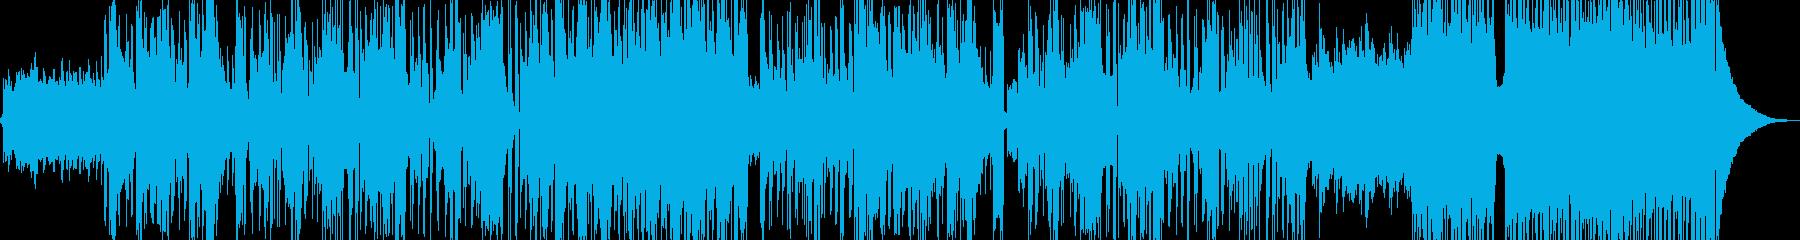 新鮮な空気感の演出・クールなビート A2の再生済みの波形